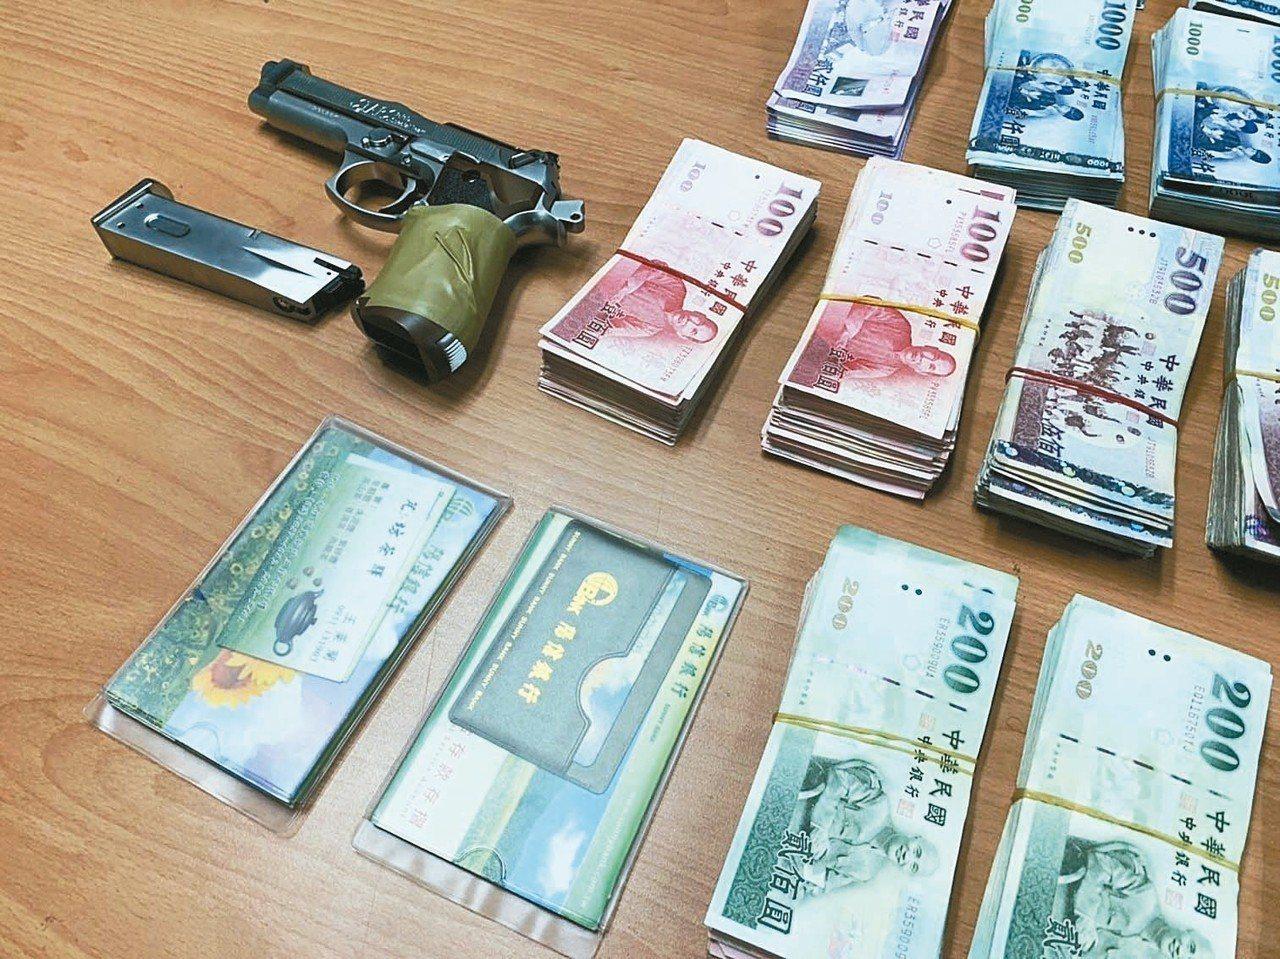 警方起獲233餘萬元贓款與犯案的玩具槍。 圖/警方提供